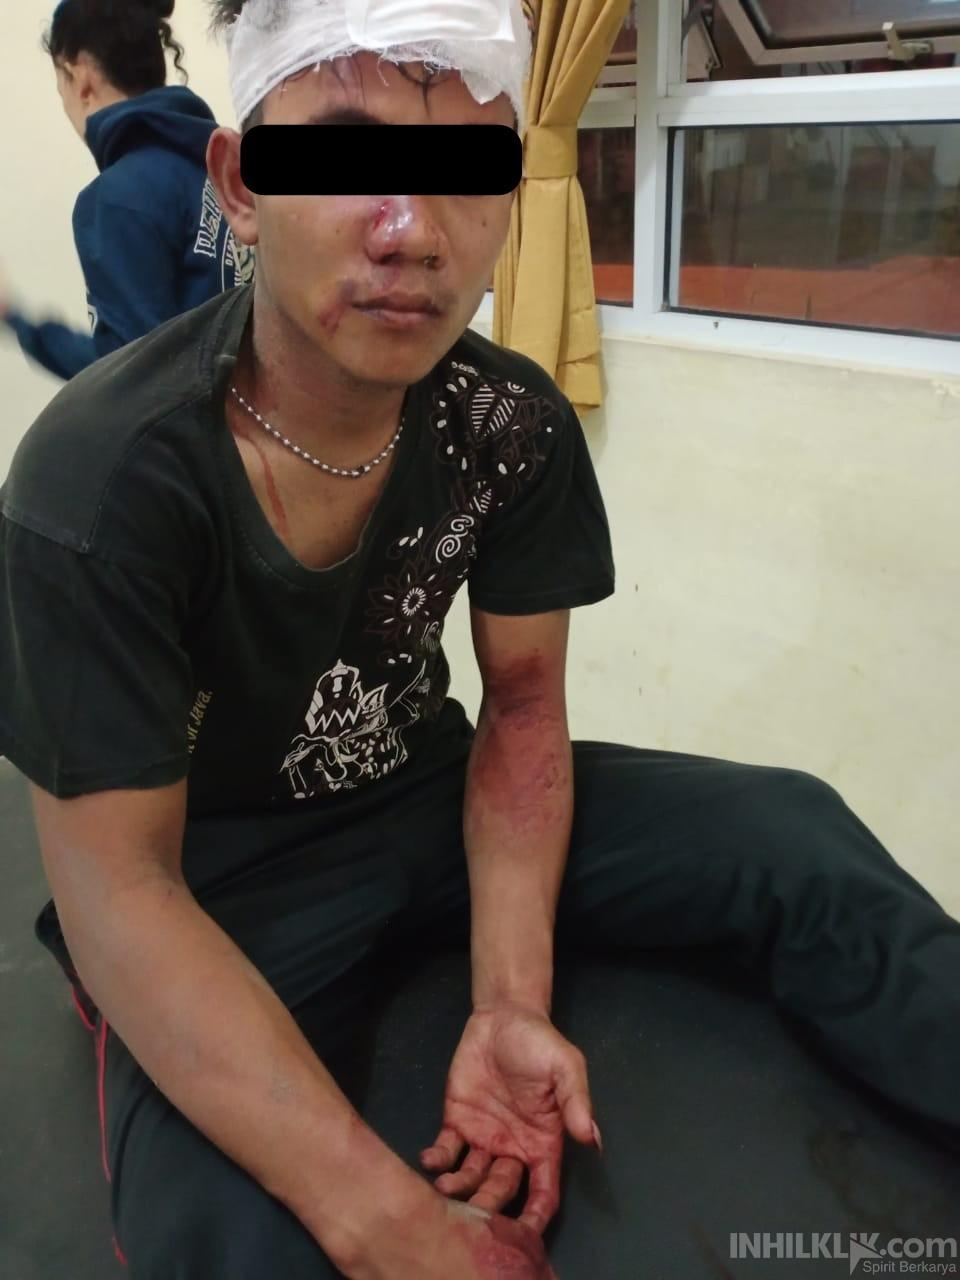 Diamuk Massa, Polsek Batang Kuis Amankan Pencuri Handphone